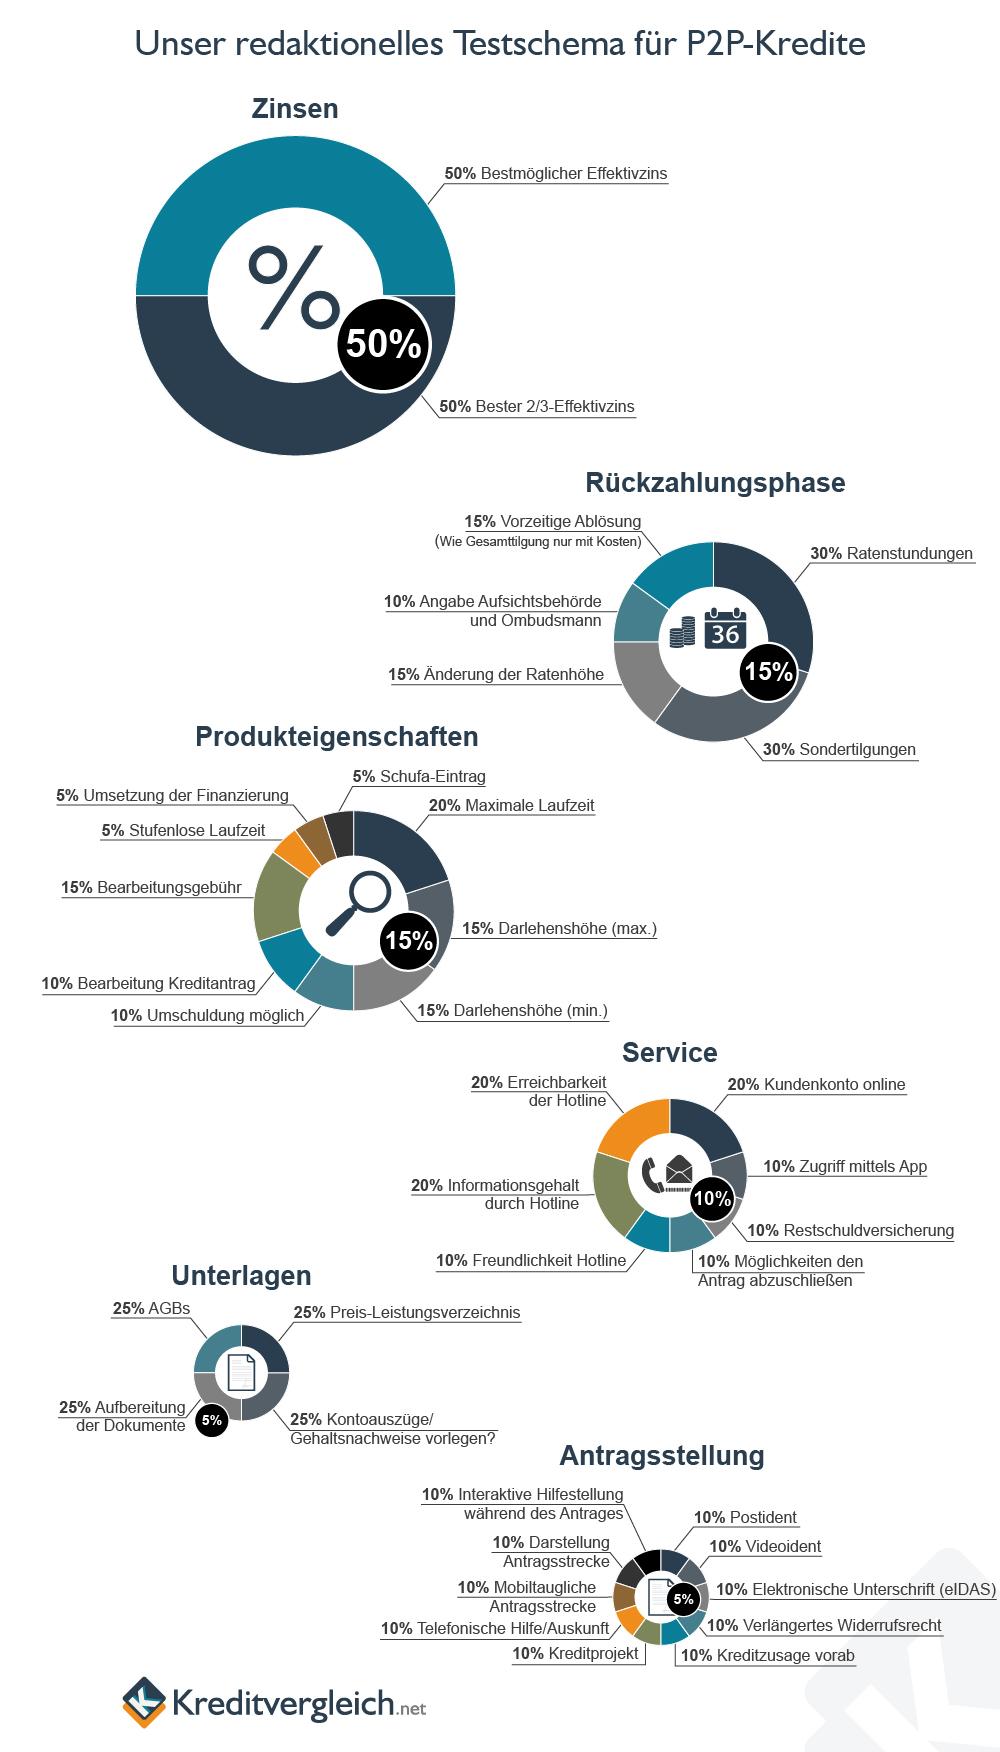 Eine Infografik mit Kreisdiagrammen über unser redaktionelles Testschema für P2P-Kredite